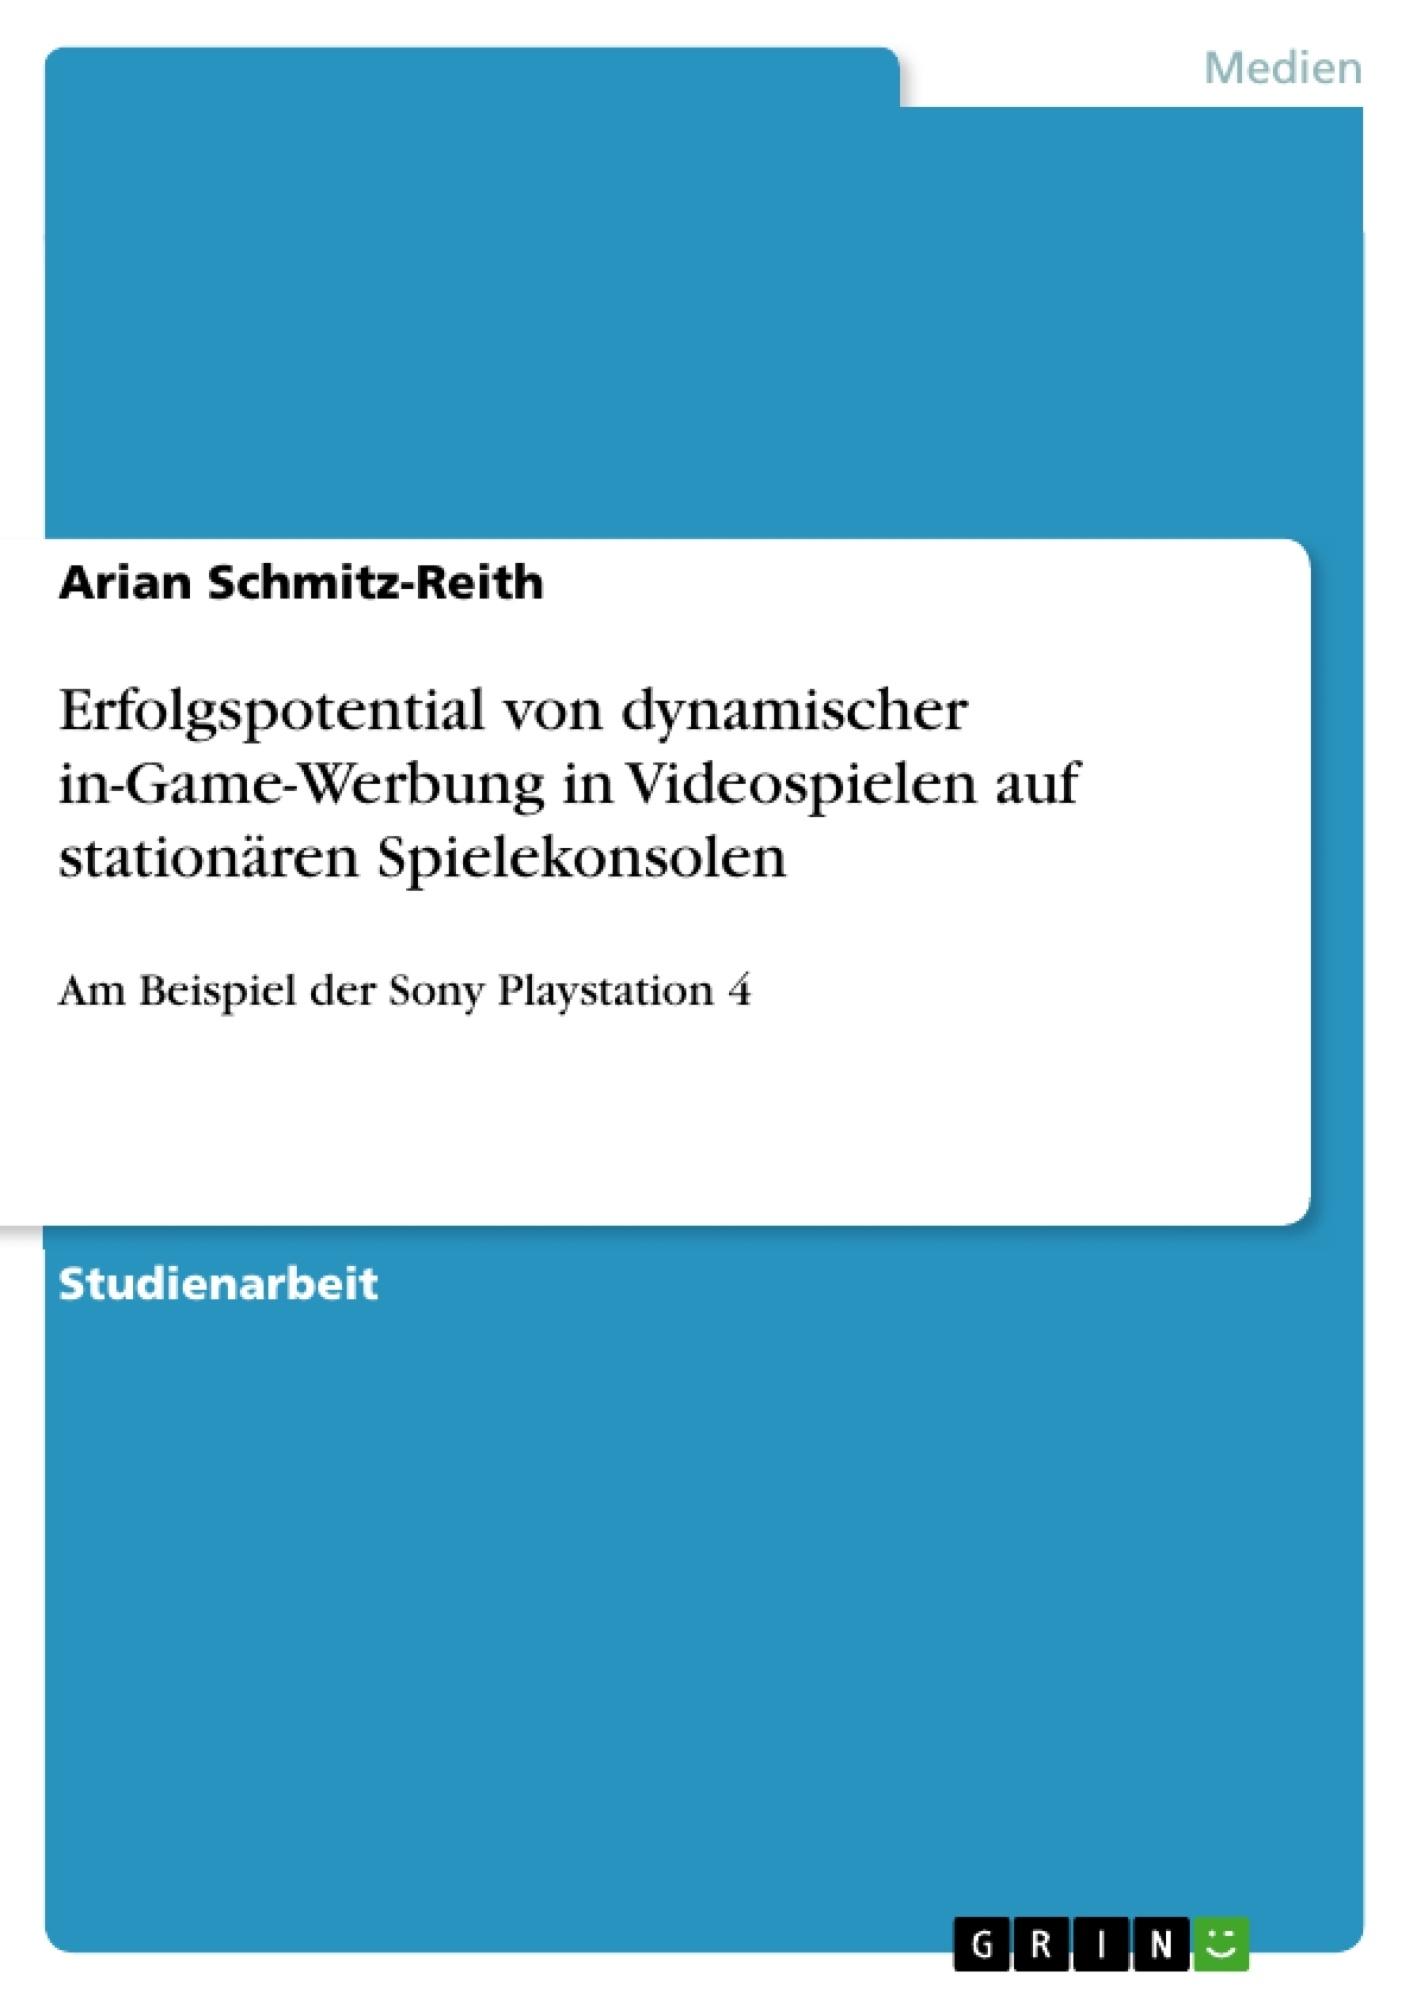 Titel: Erfolgspotential von dynamischer in-Game-Werbung in Videospielen auf stationären Spielekonsolen